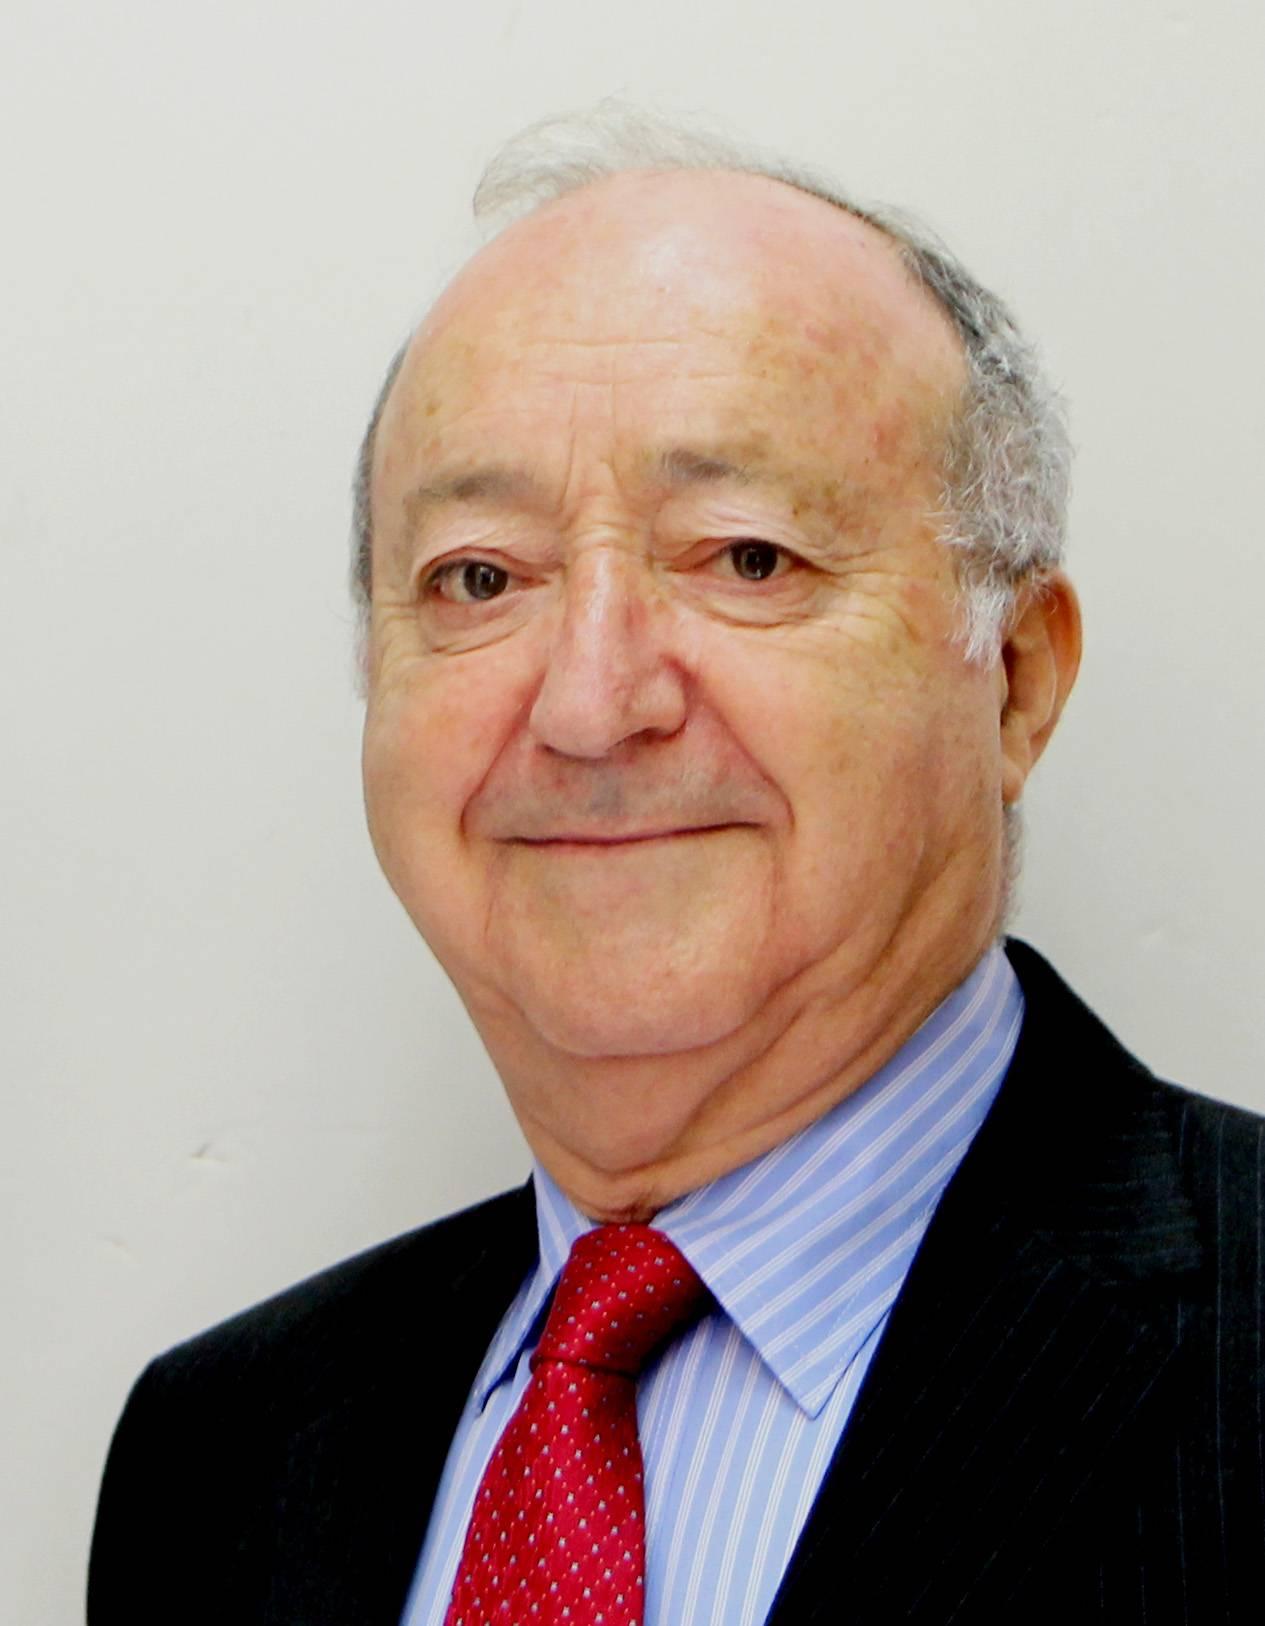 Dr. Adrian Becker